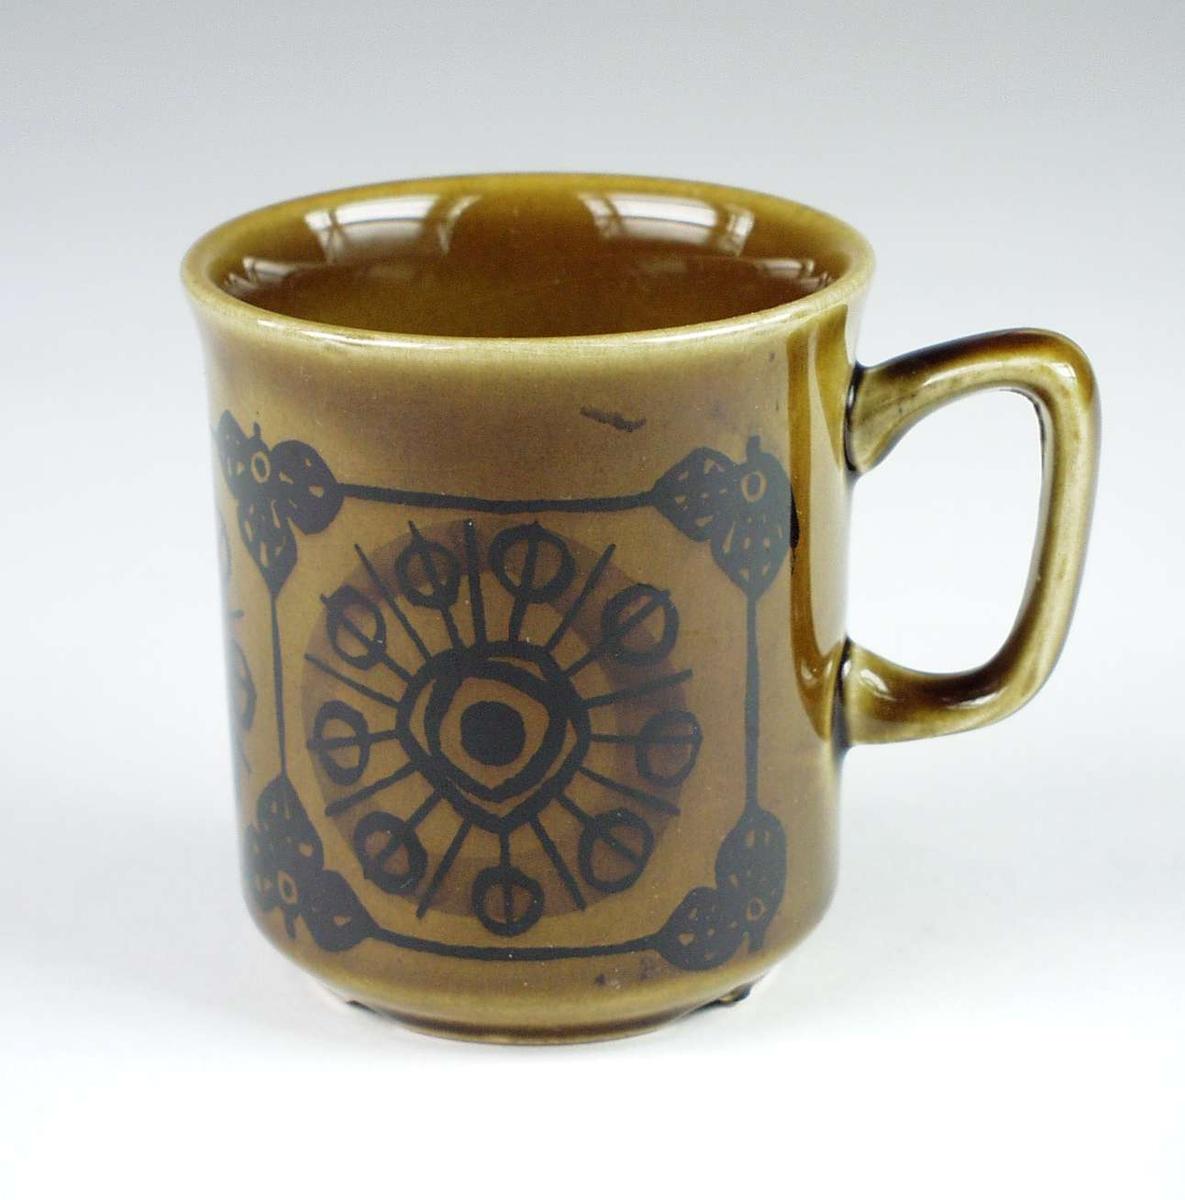 Syv brune kaffekopper i keramikk med mørk brun dekor. Serviset består ellers av elleve skåler og tolv asjetter.